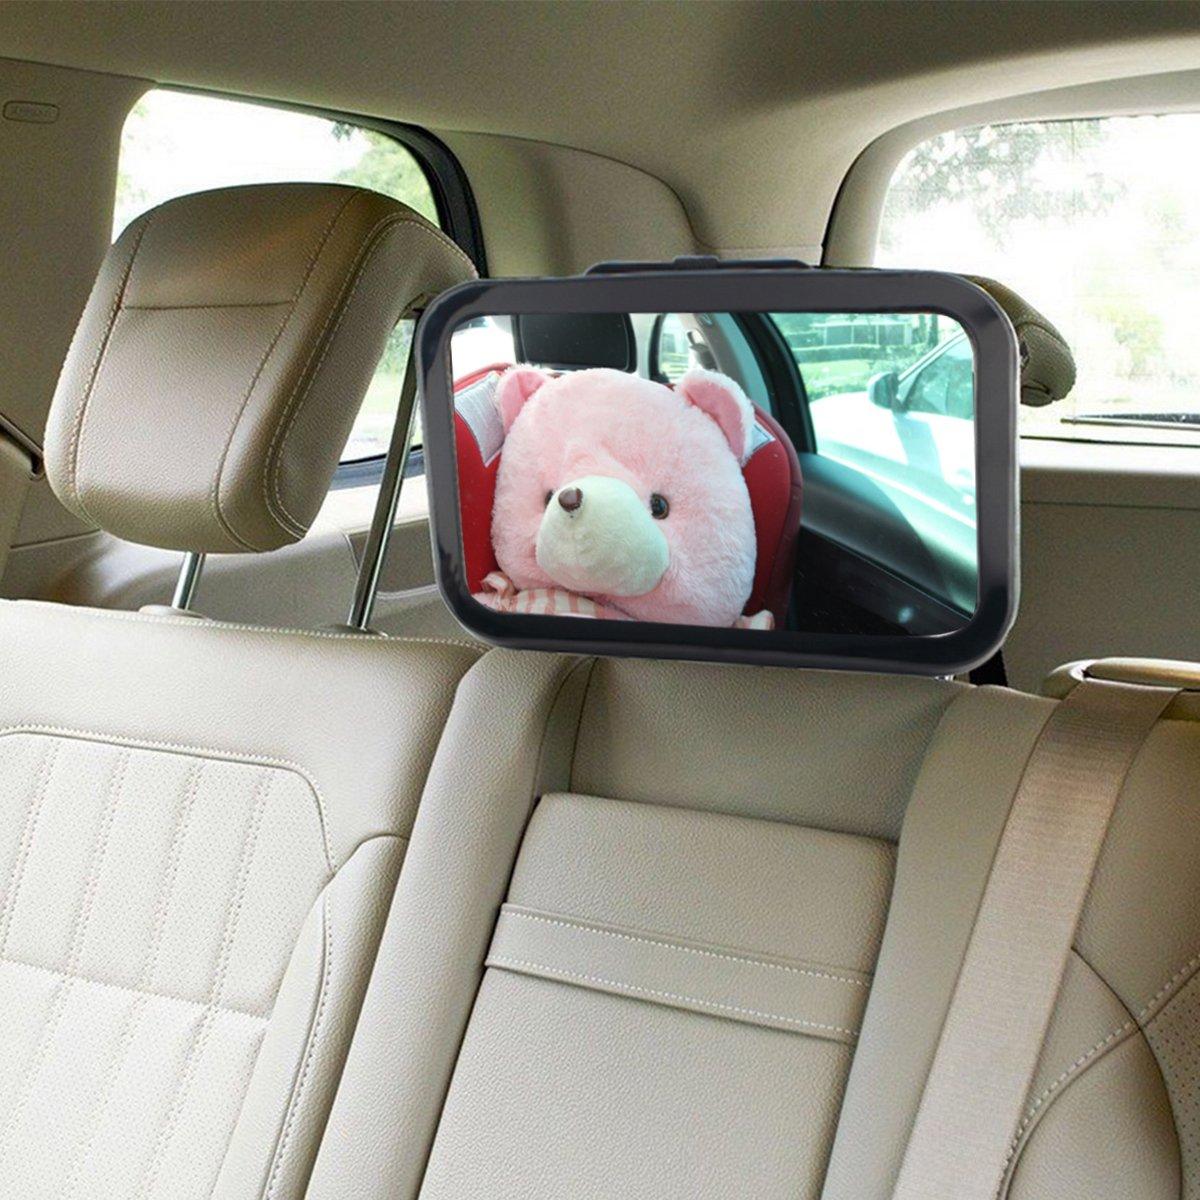 PEKITAS Rückspiegel zur Überwachung des Babys im Auto, 360 ° verstellbar, unzerbrechlich, Innenspiegel, für Babys, für Sitze von Kindern 360 ° verstellbar für Babys für Sitze von Kindern BKM001